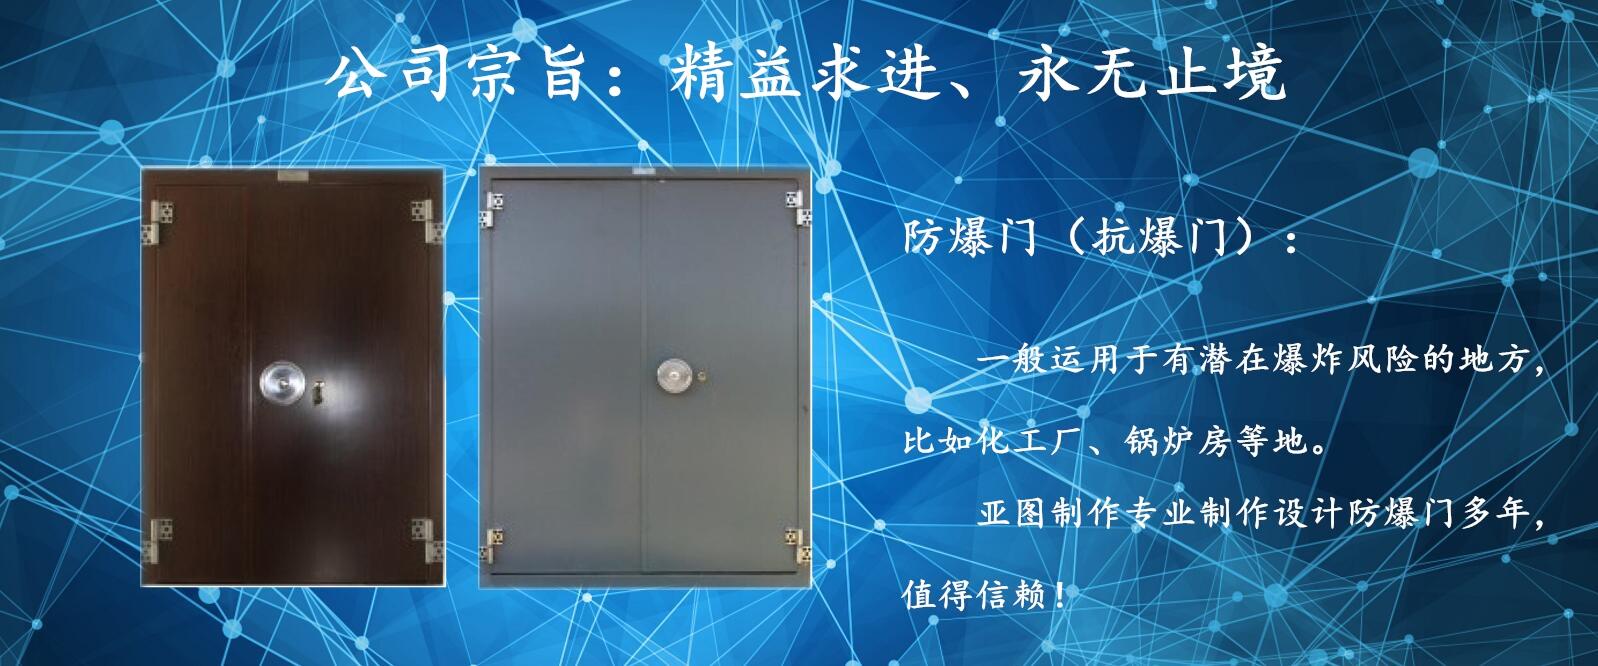 深圳市亚图安防科技有限公司。